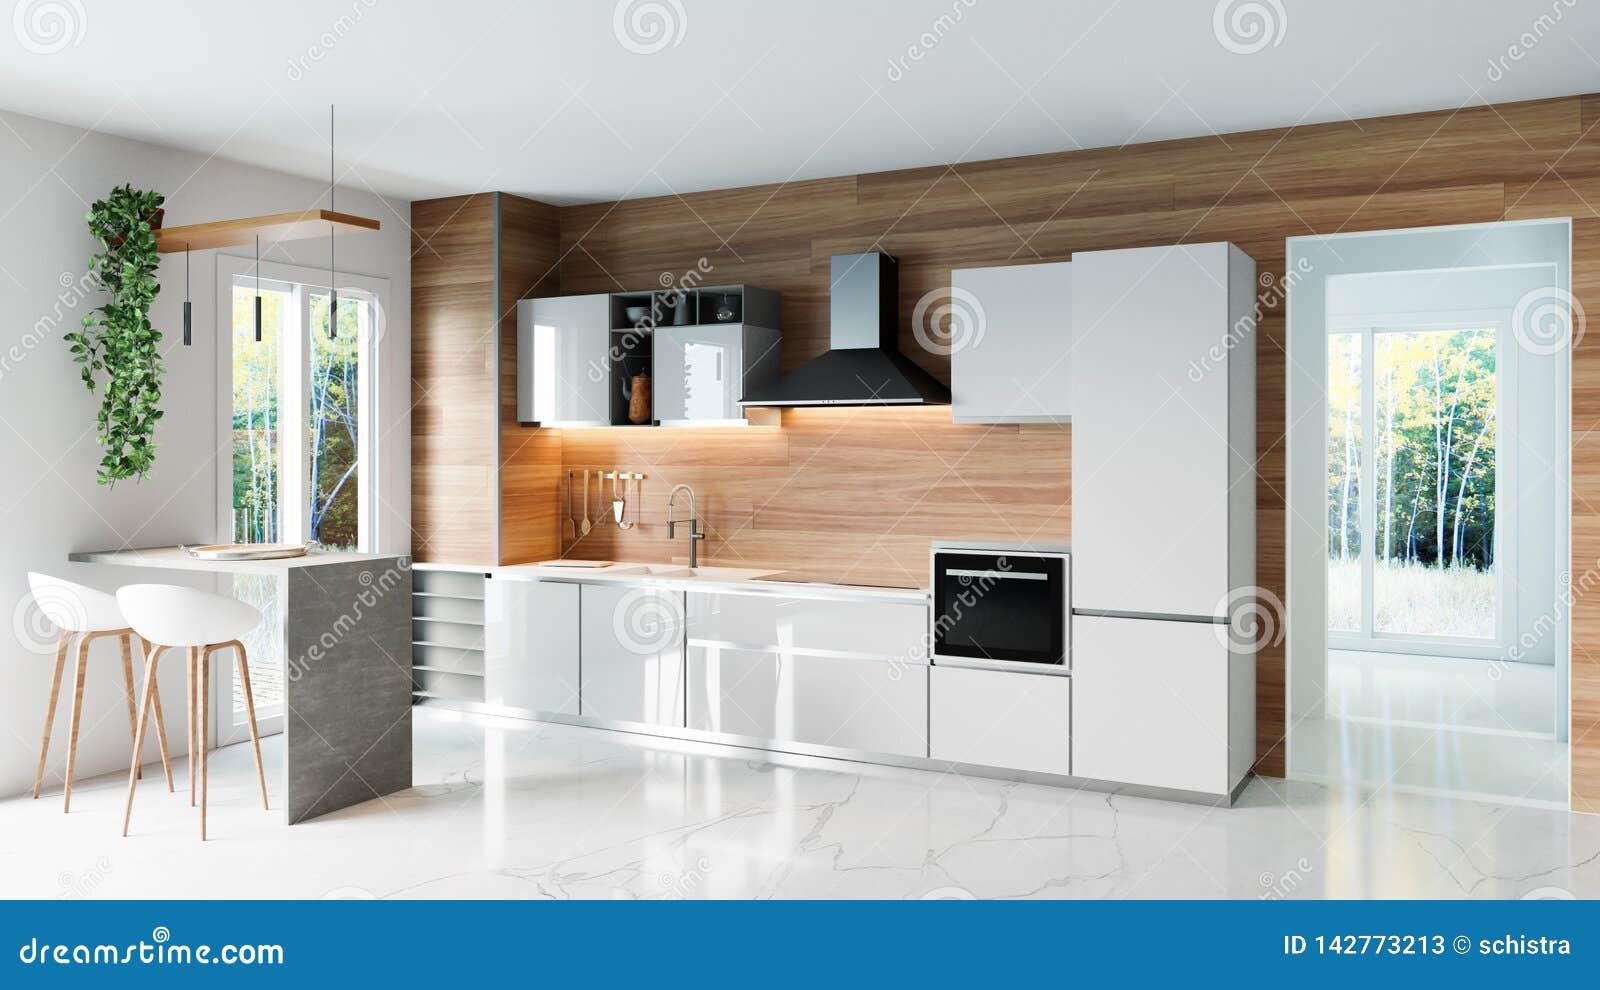 Cuisine moderne avec le mur en bois et le plancher de marbre blanc, idée minimalistic de concept de construction intérieure, illu